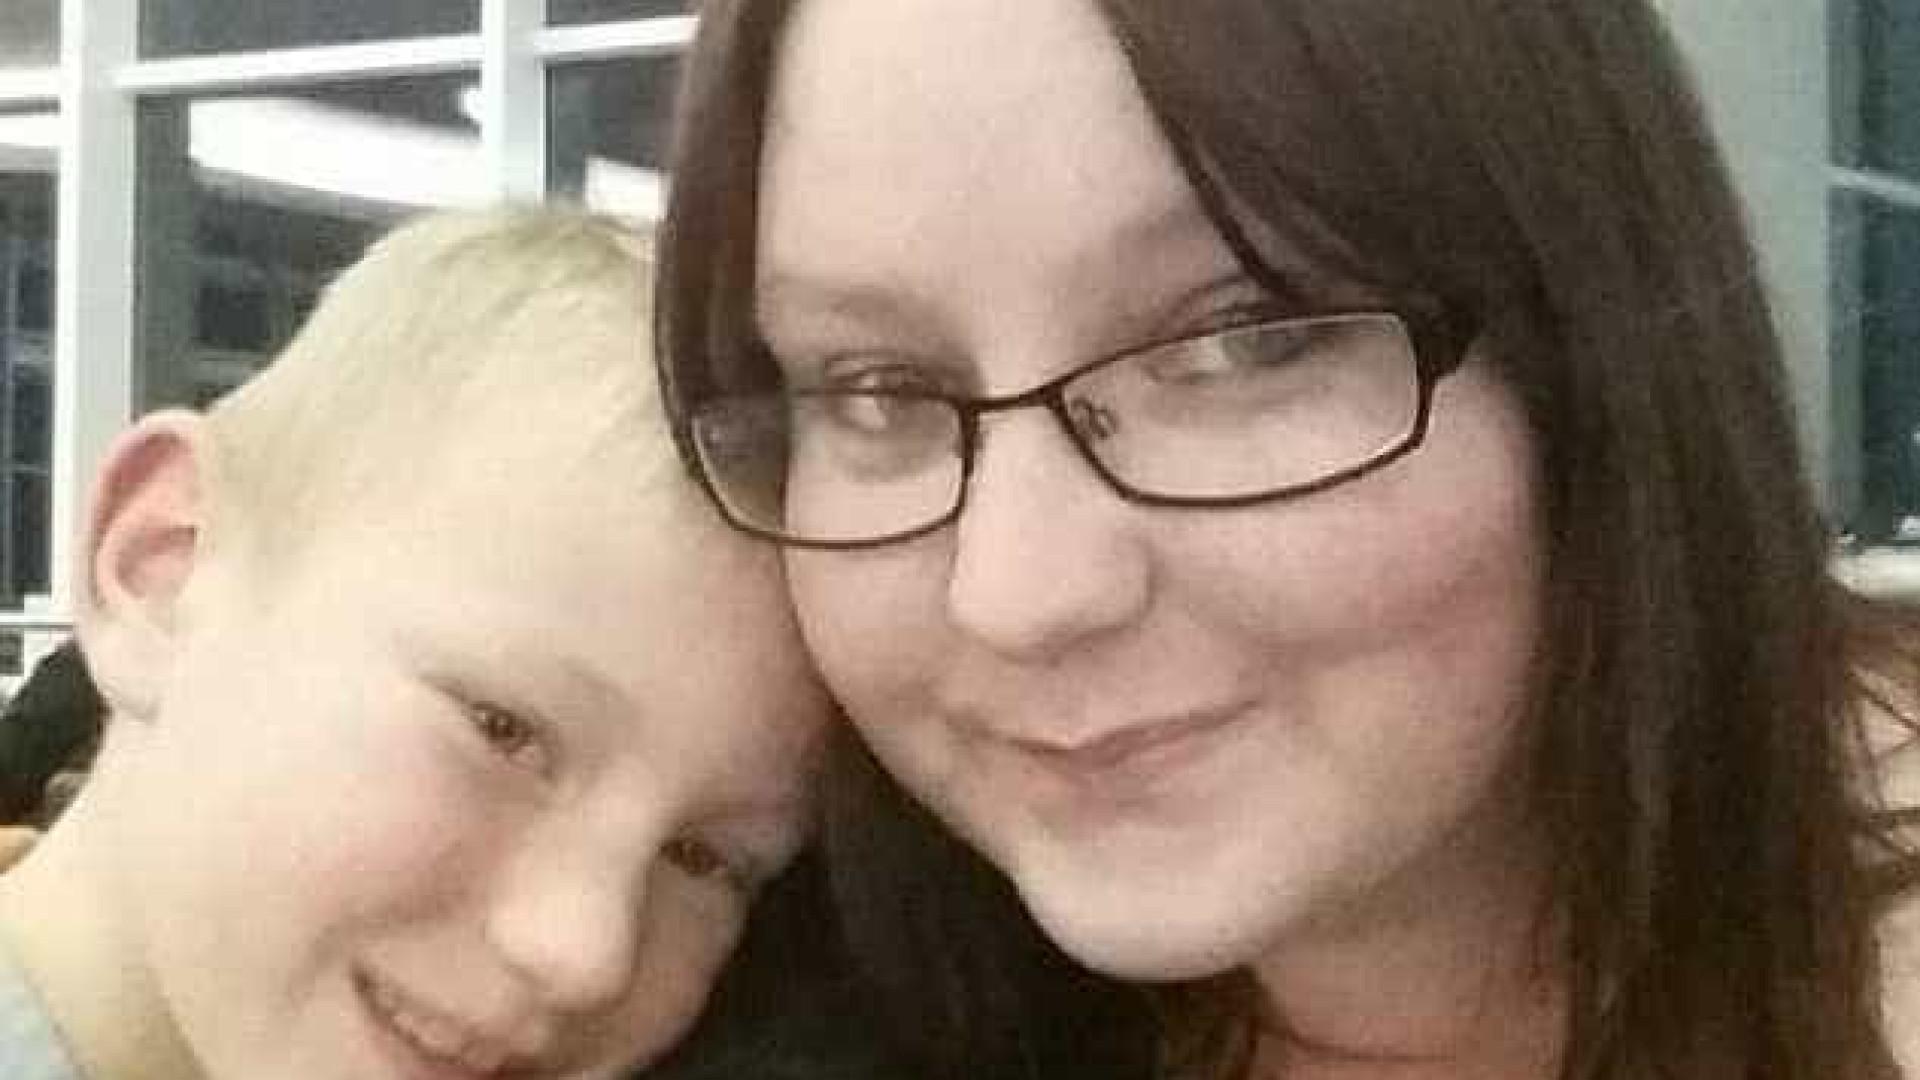 Inglaterra: Menino de 9 anos encontra mãe sem vida na cama